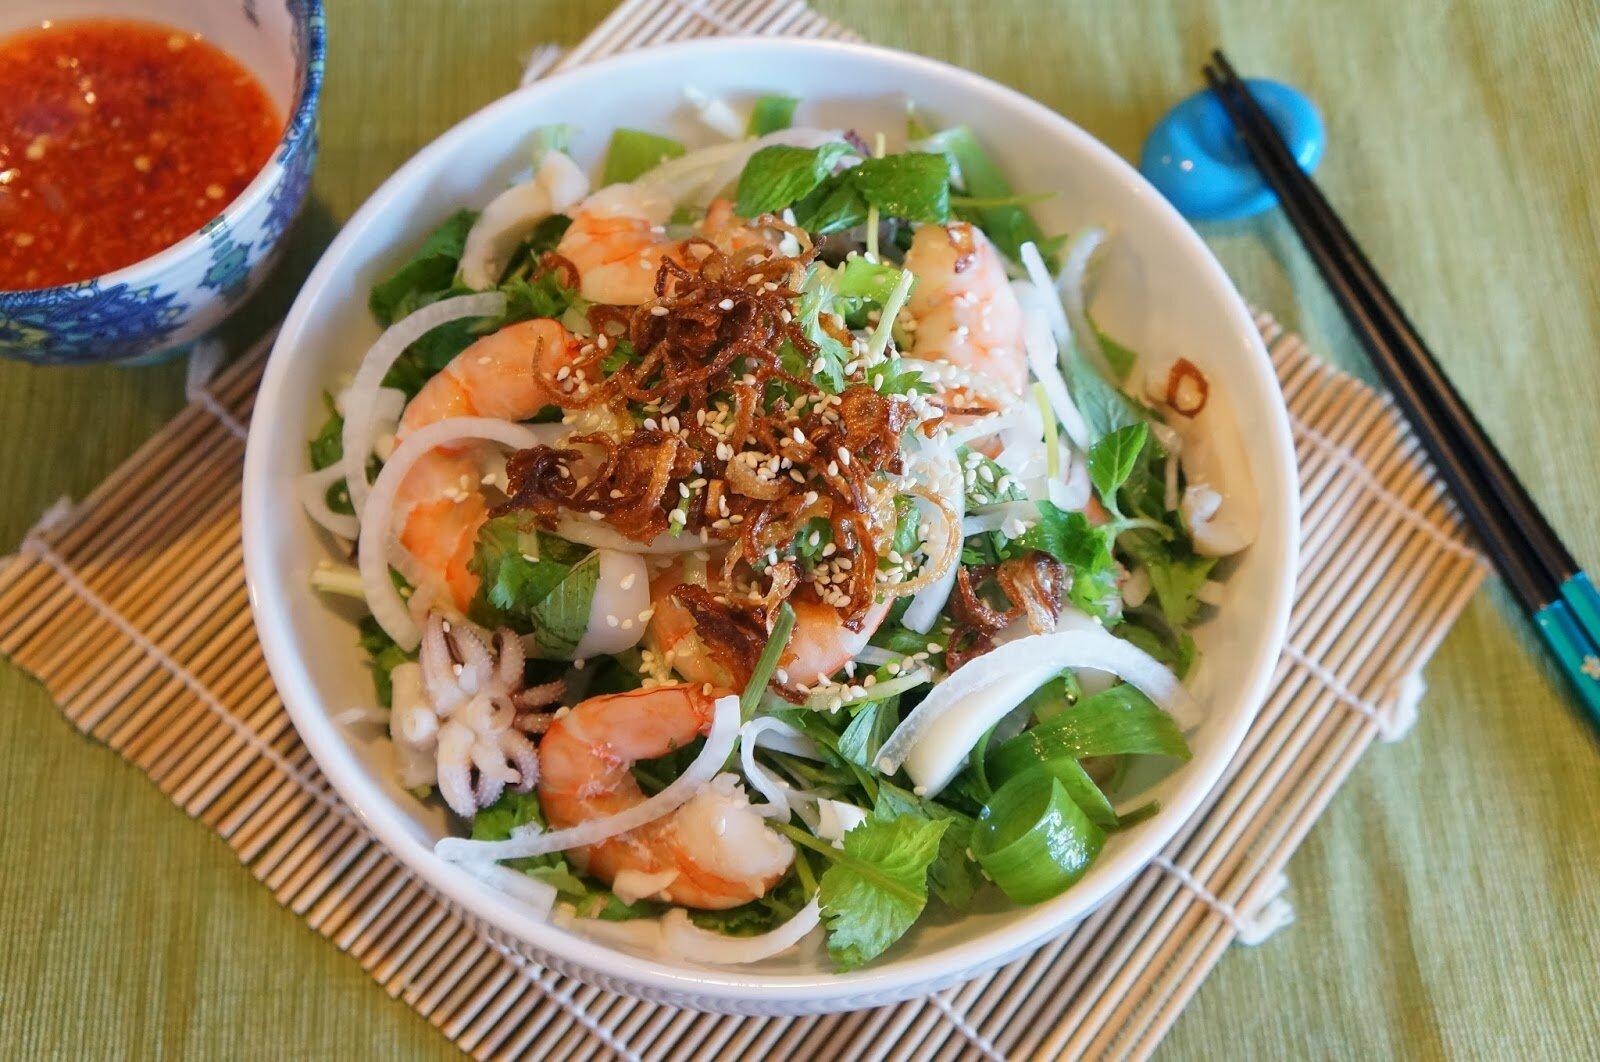 салат с кальмарами и креветками